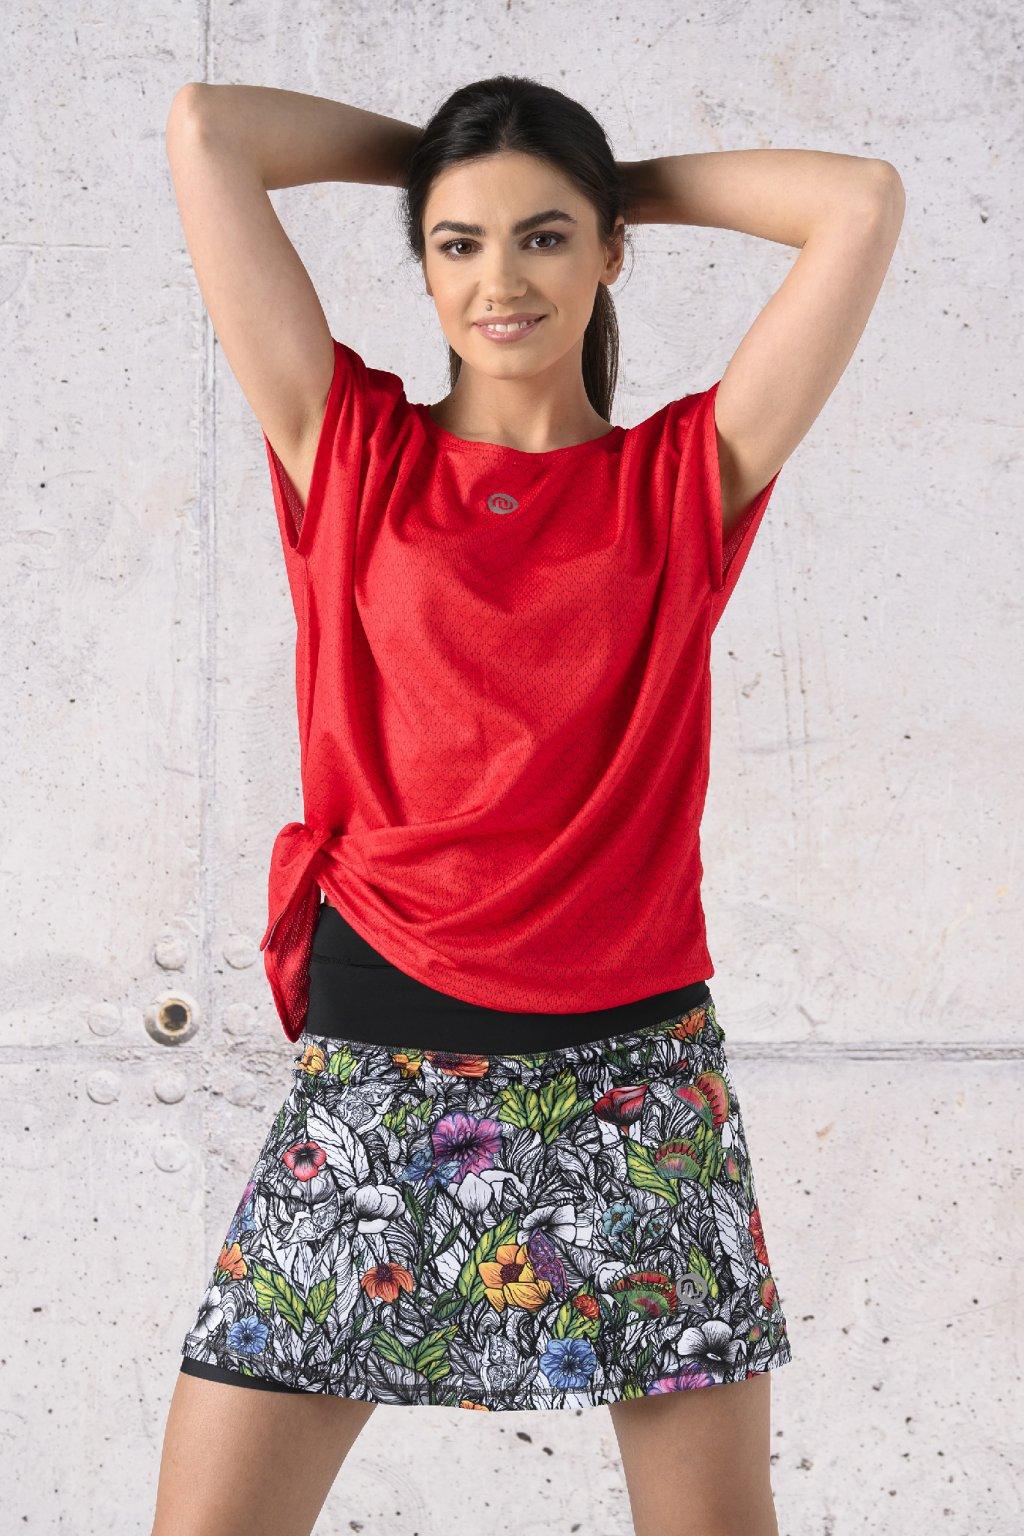 Běžecká sukně OSKZ 13M4 1